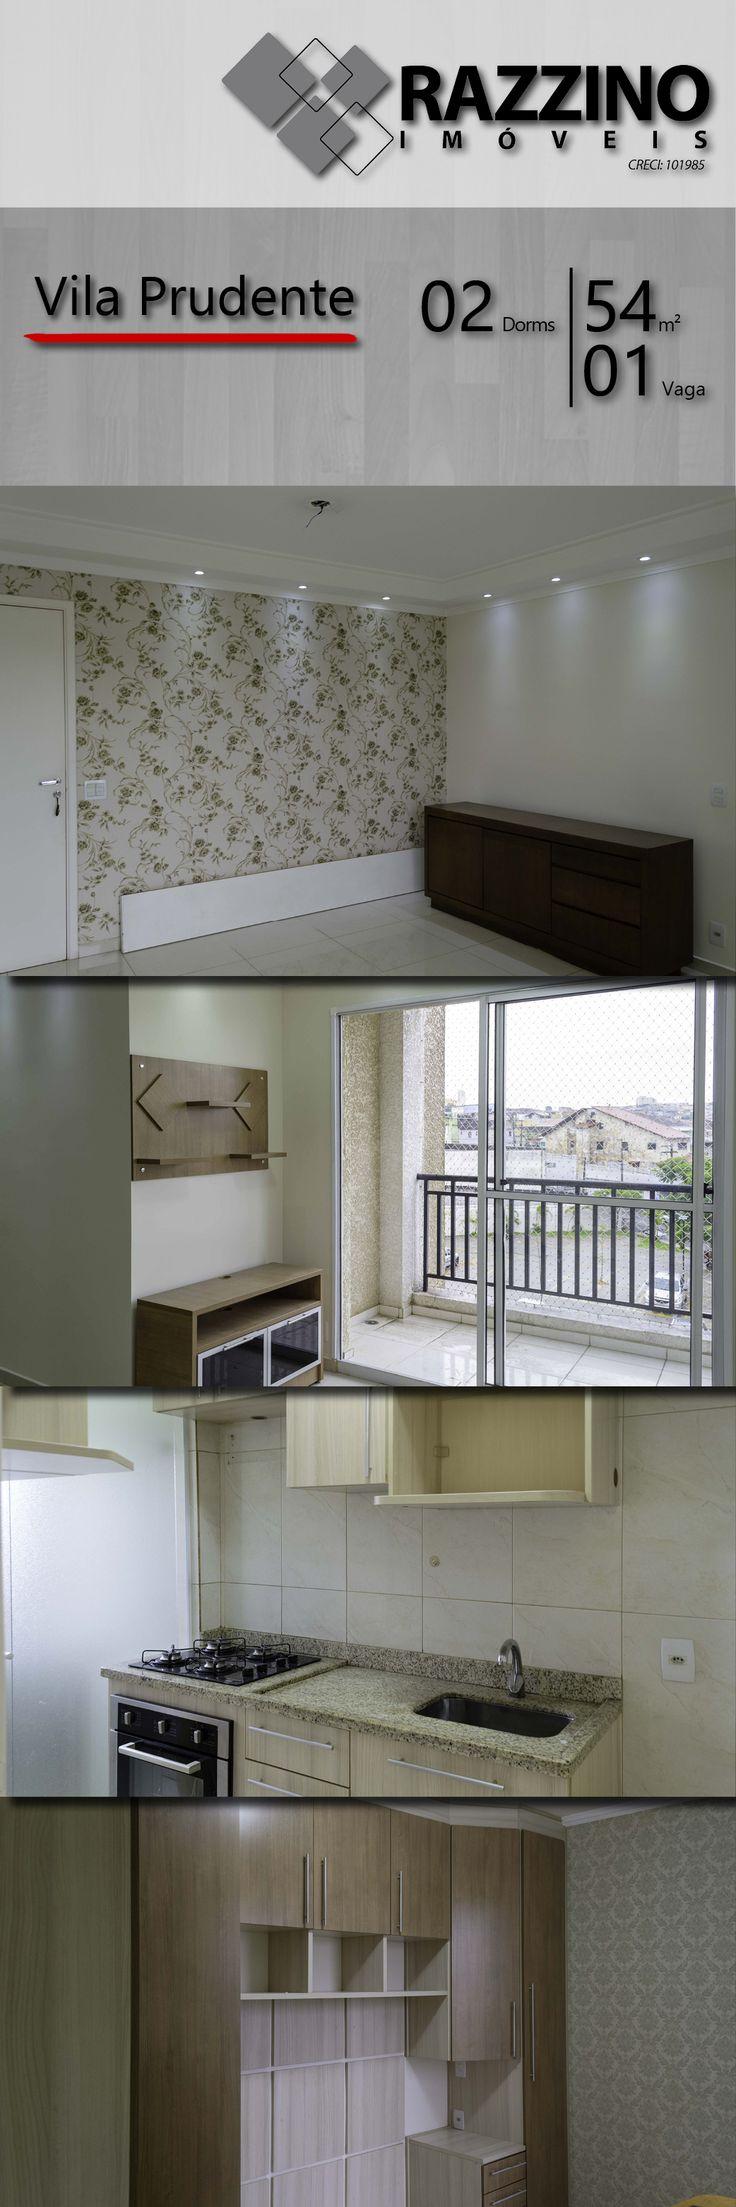 Imóvel de 54 m², 02 dormitórios e 01 vaga de garagem, localizado no bairro da Vila Prudente, Zona Leste de São Paulo. Possui moveis planejados na sala, cozinha e dormitório do cssal.